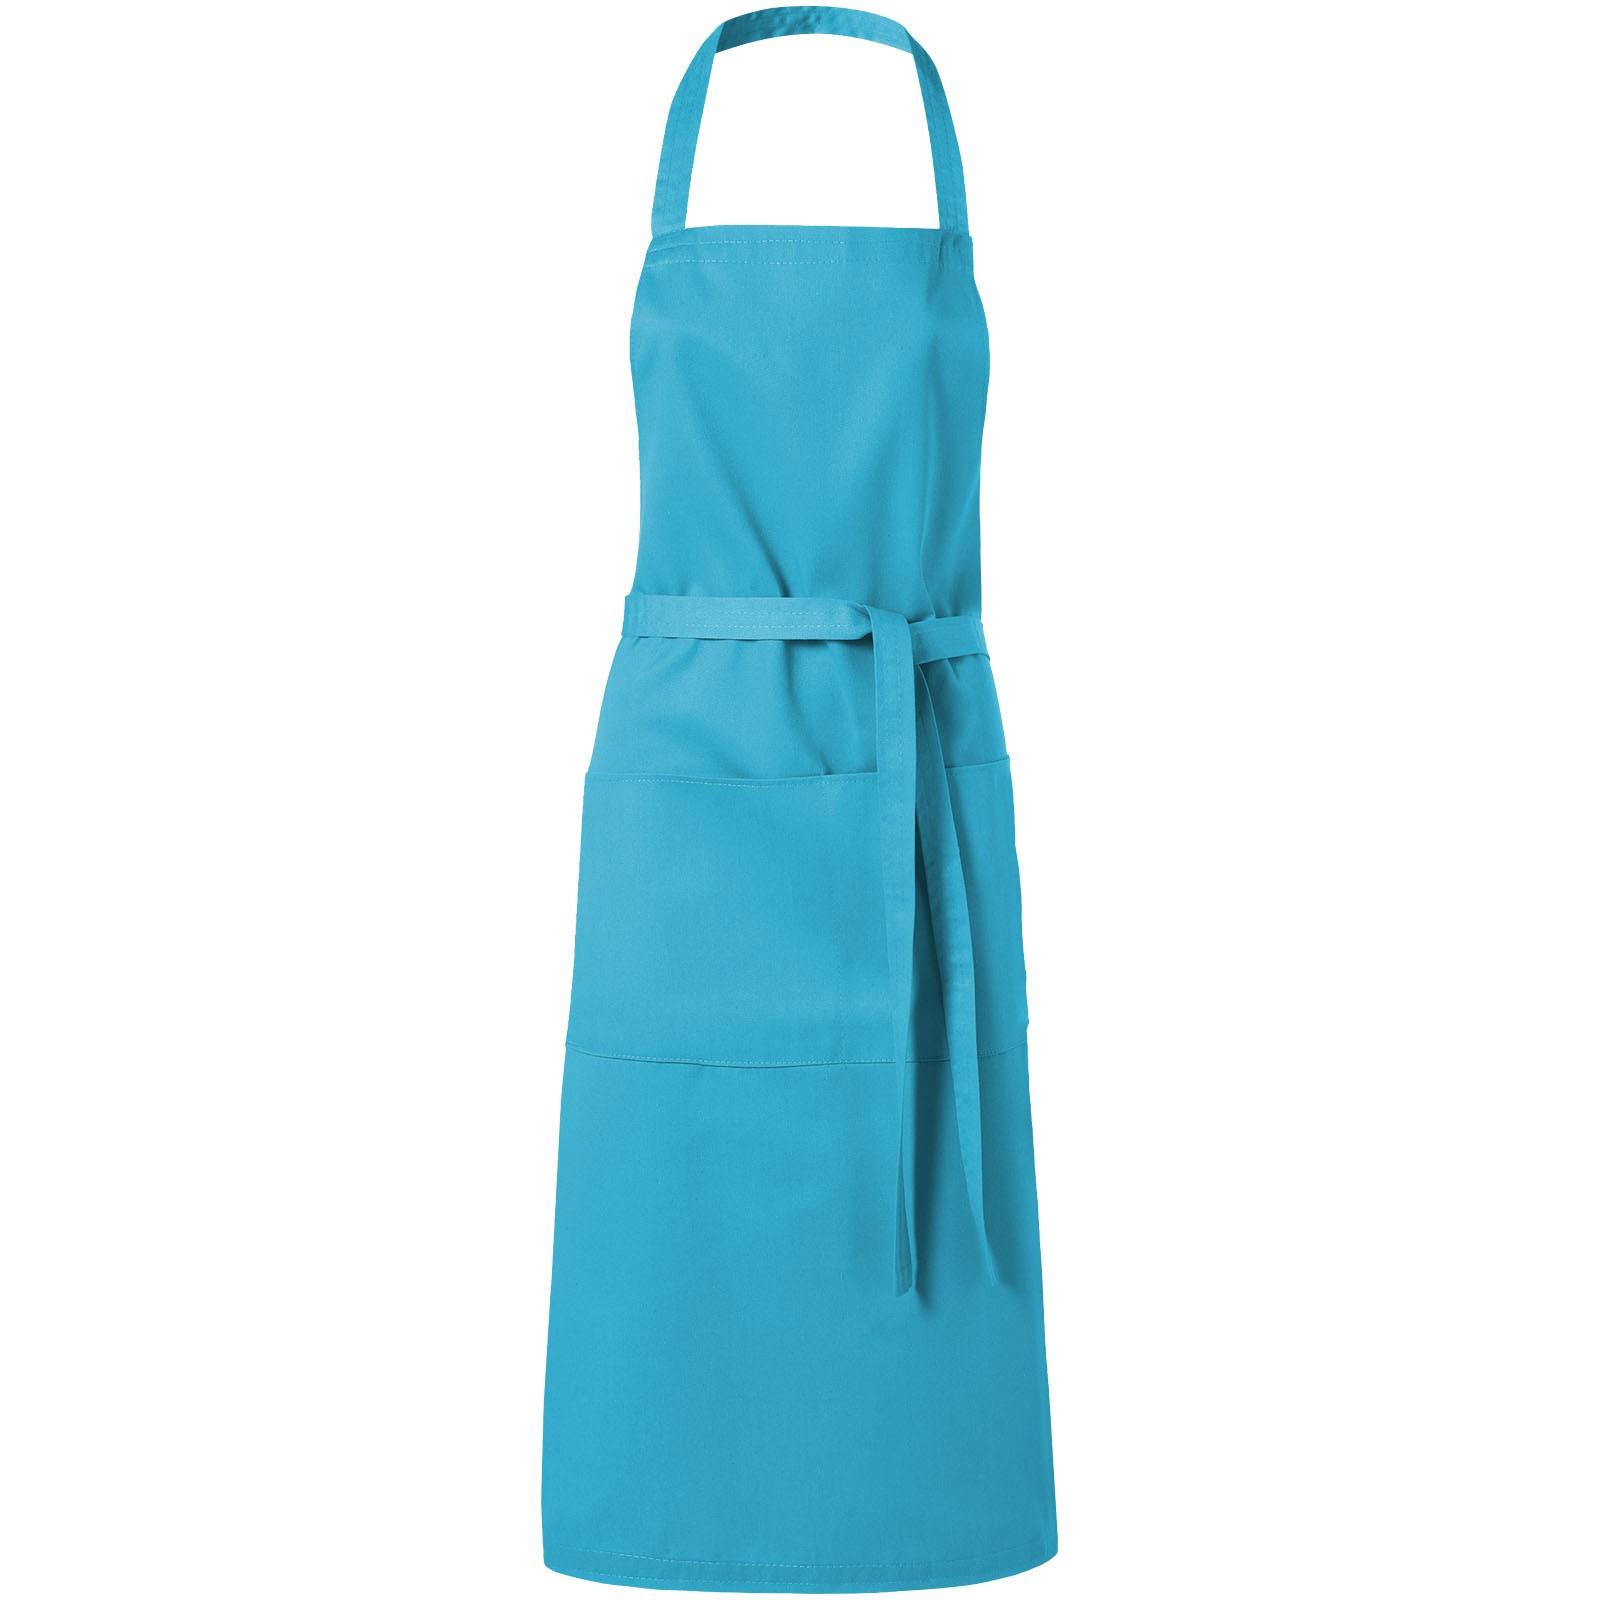 Zástěra Viera se dvěma kapsami - Aqua blue